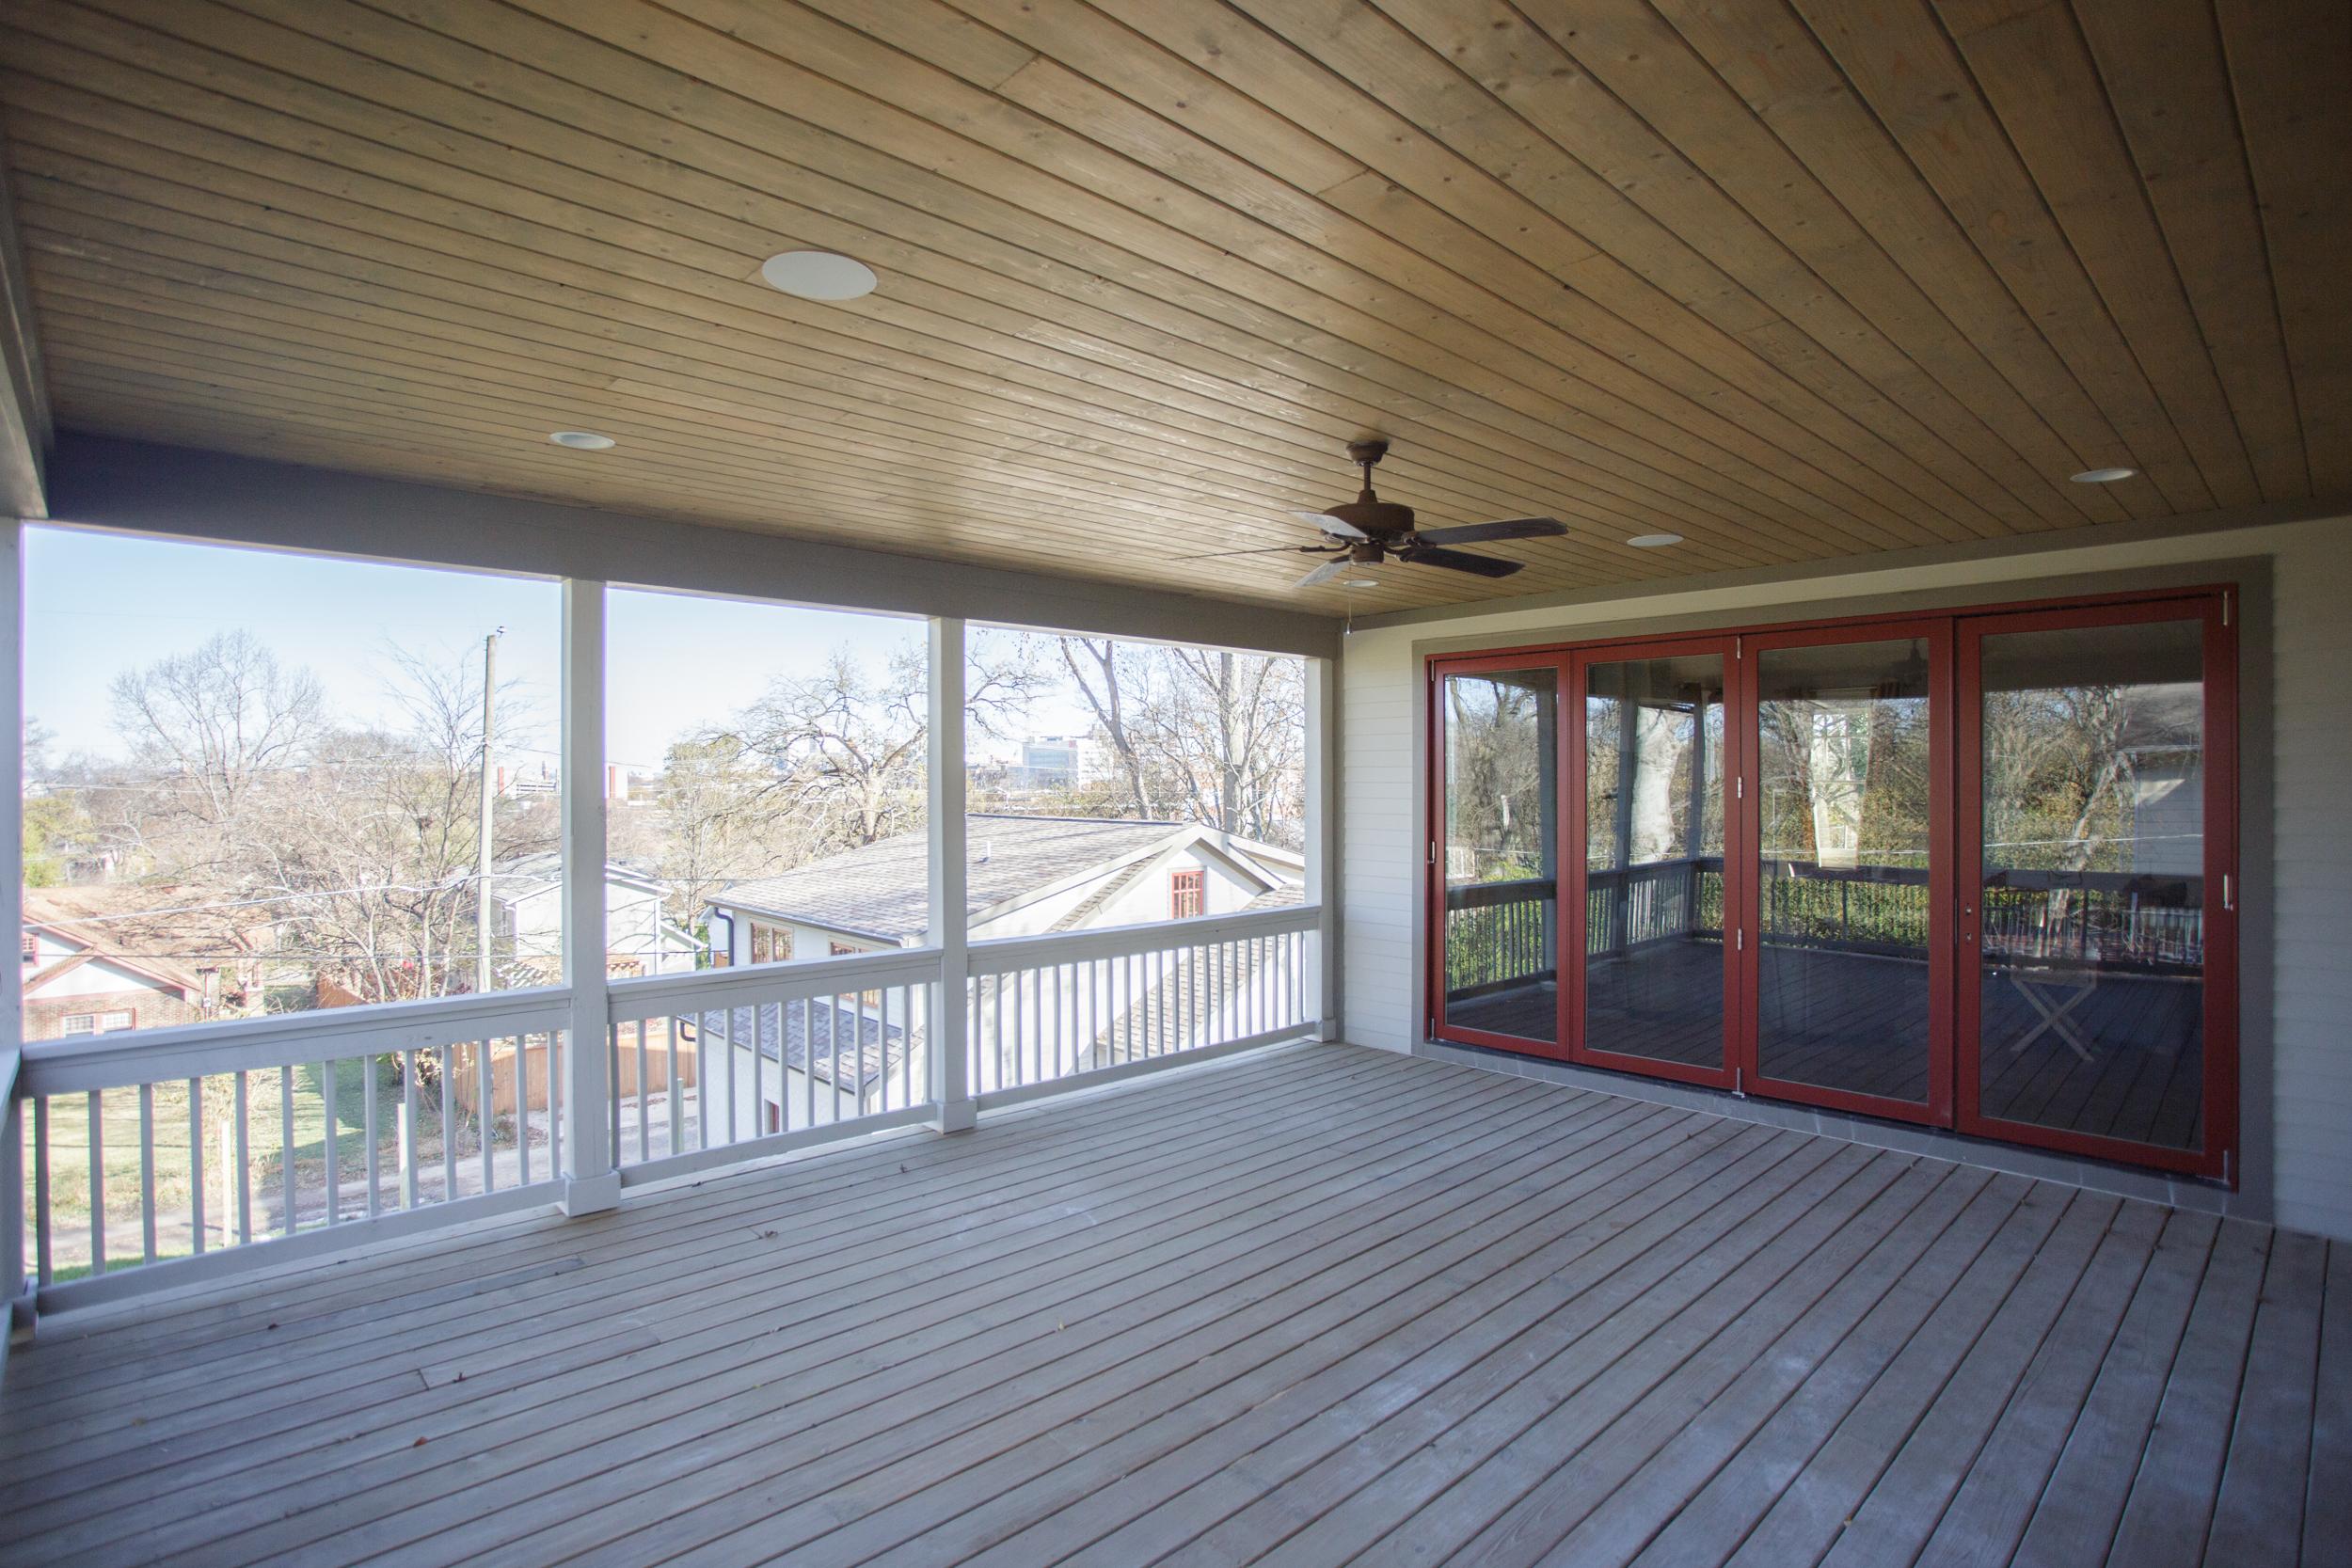 britt-development-group-nashville-tennessee-custom-home-builder-historic-renovation-0659.jpg